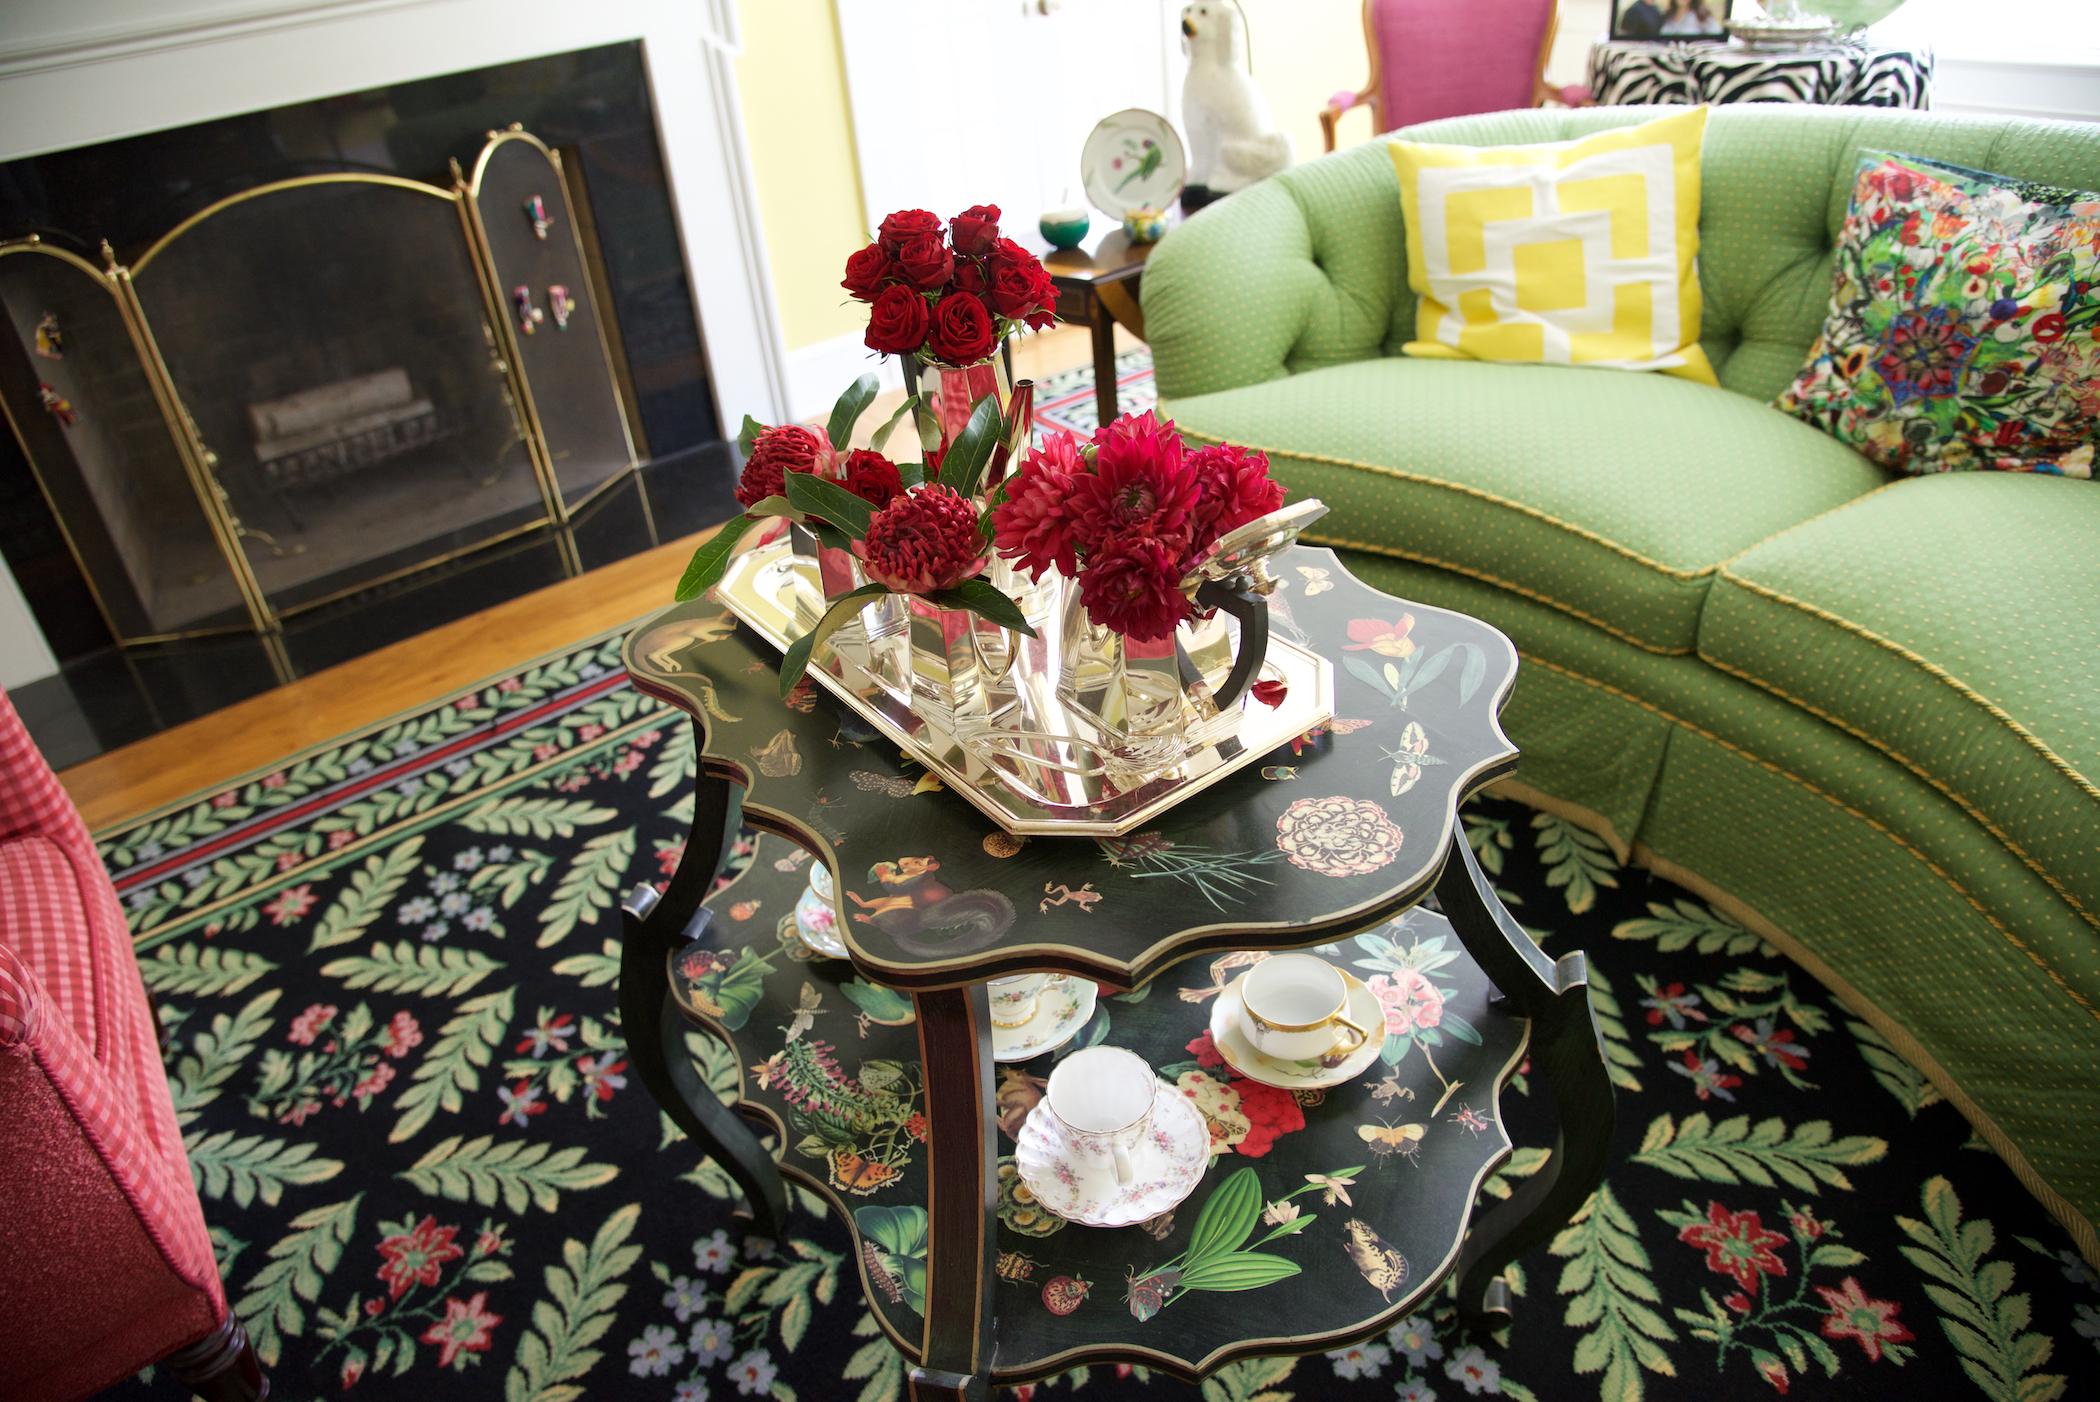 Floral Tea Service